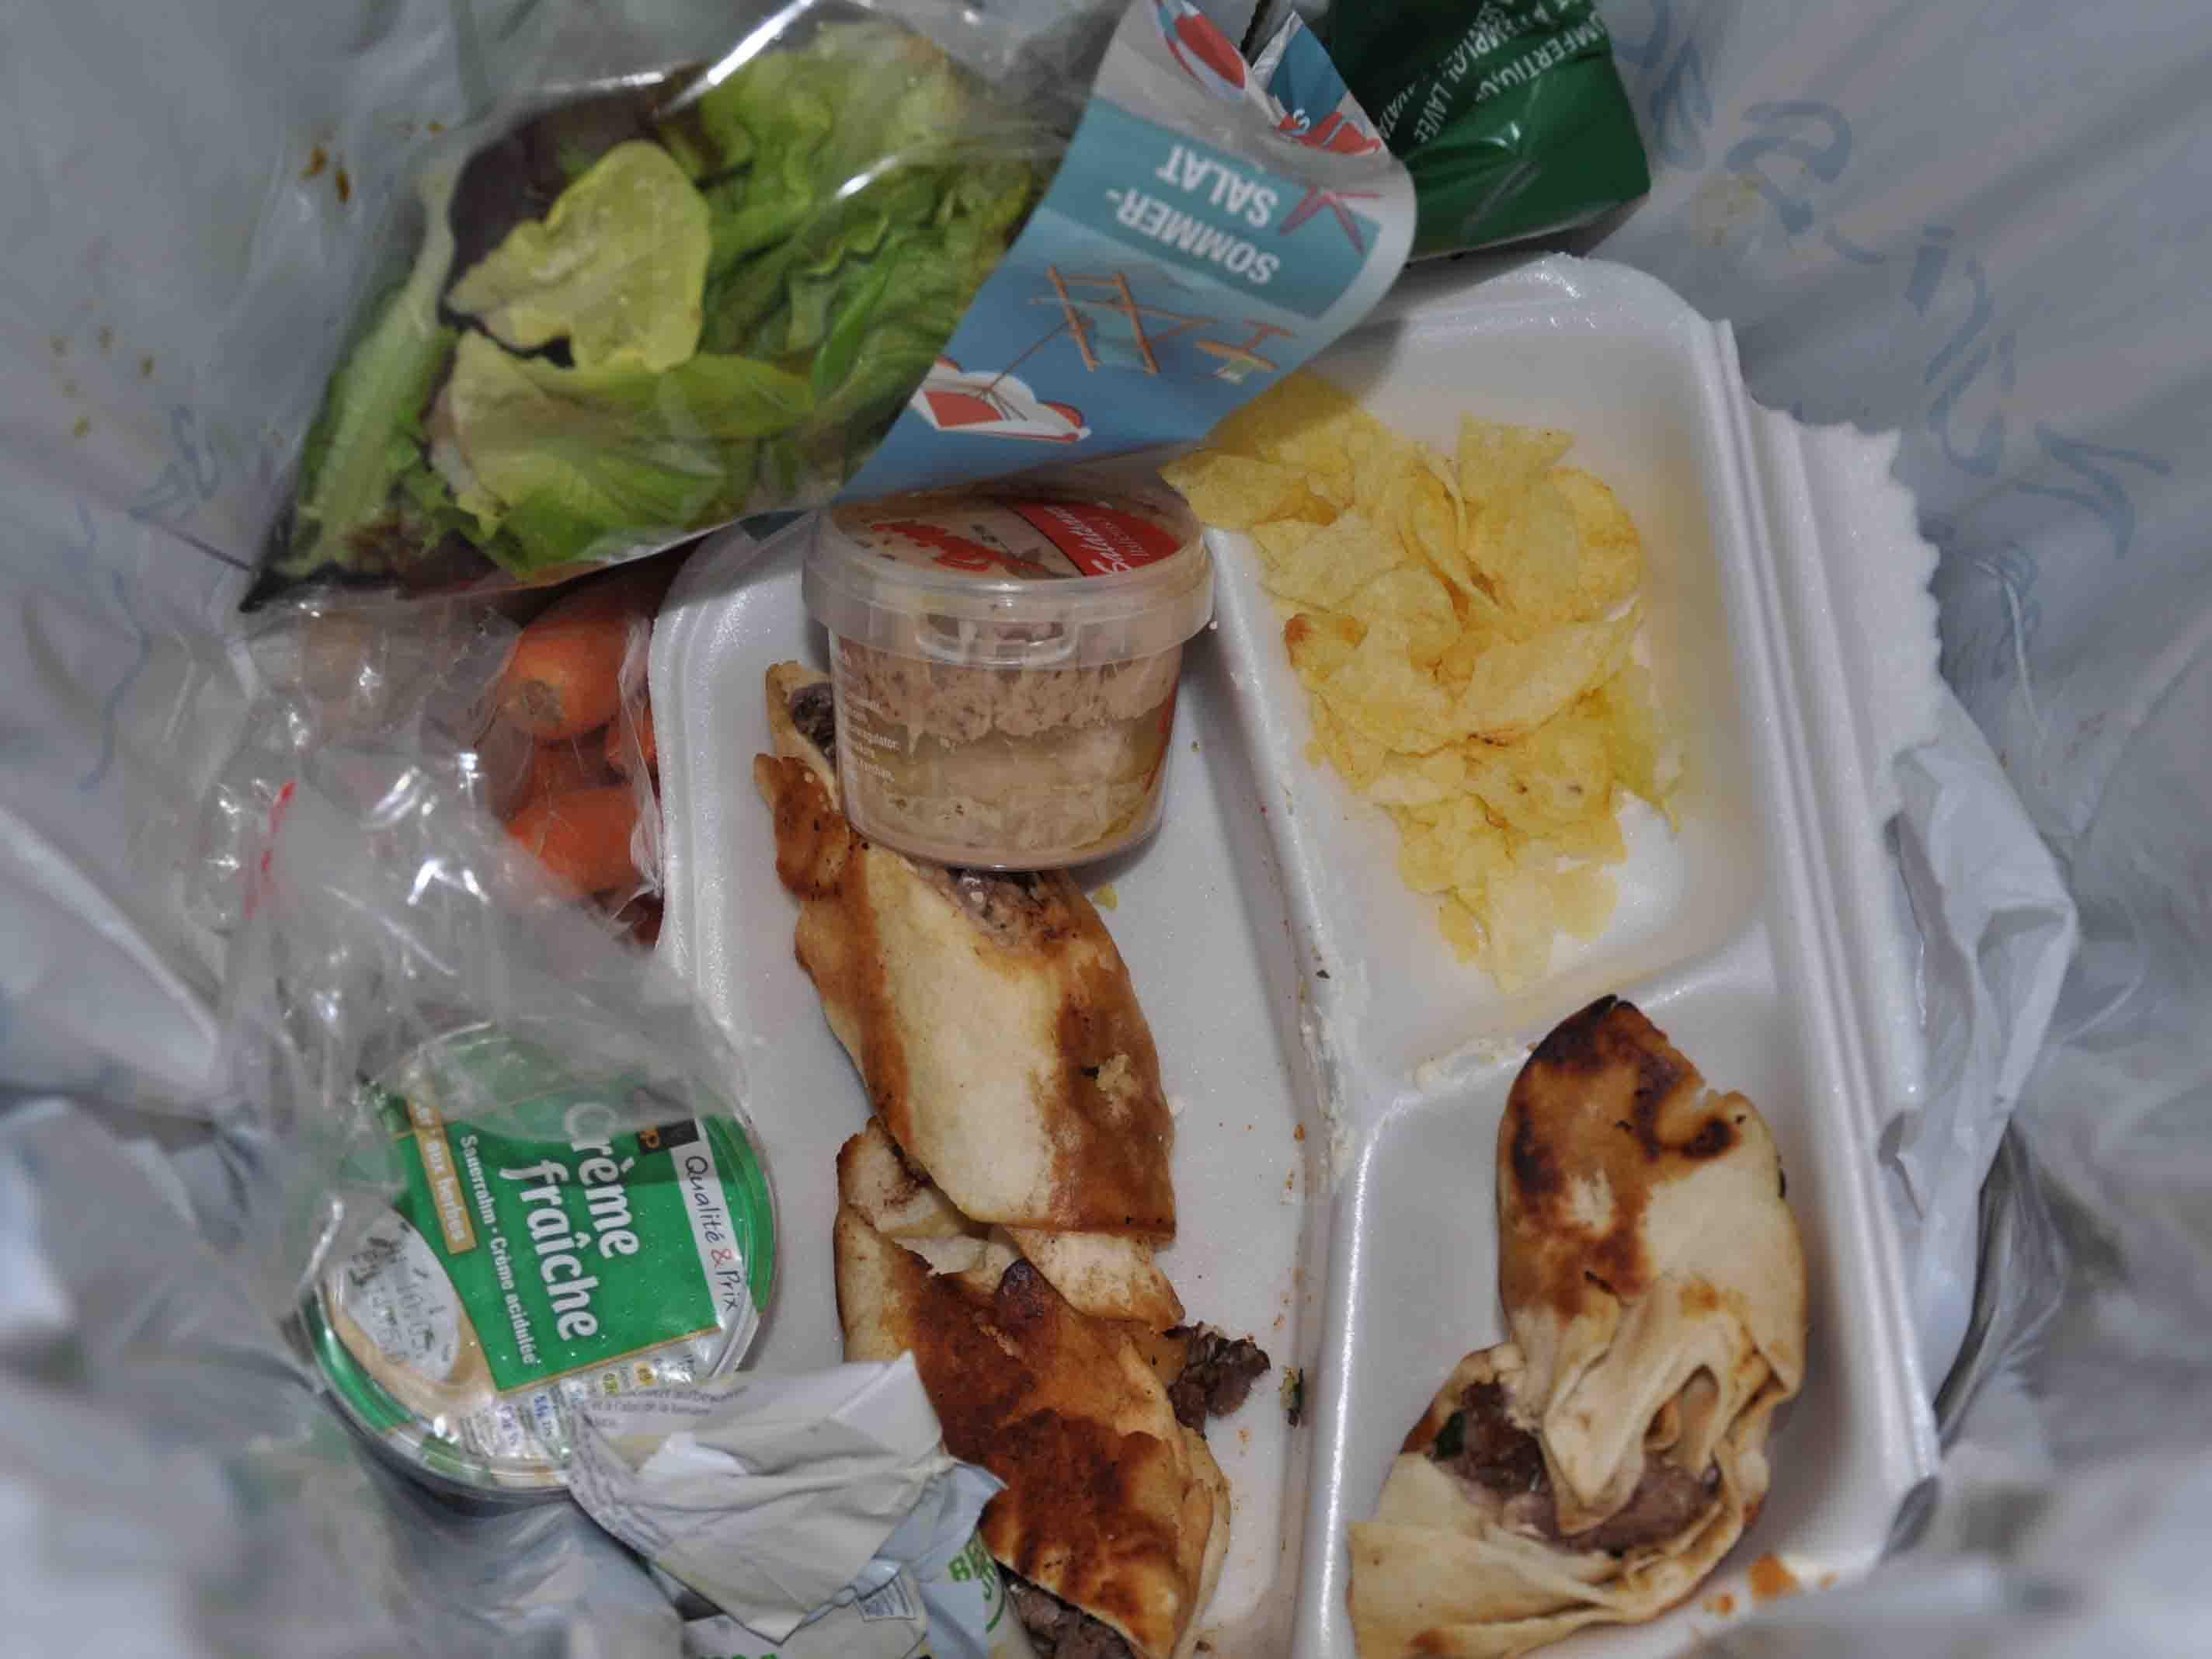 Keine Lust mehr, zu viel eingekauft, ungeöffnet abgelaufen – im Schnitt werfen Privathaushalte über 300 Gramm Lebensmittel pro Tag weg.